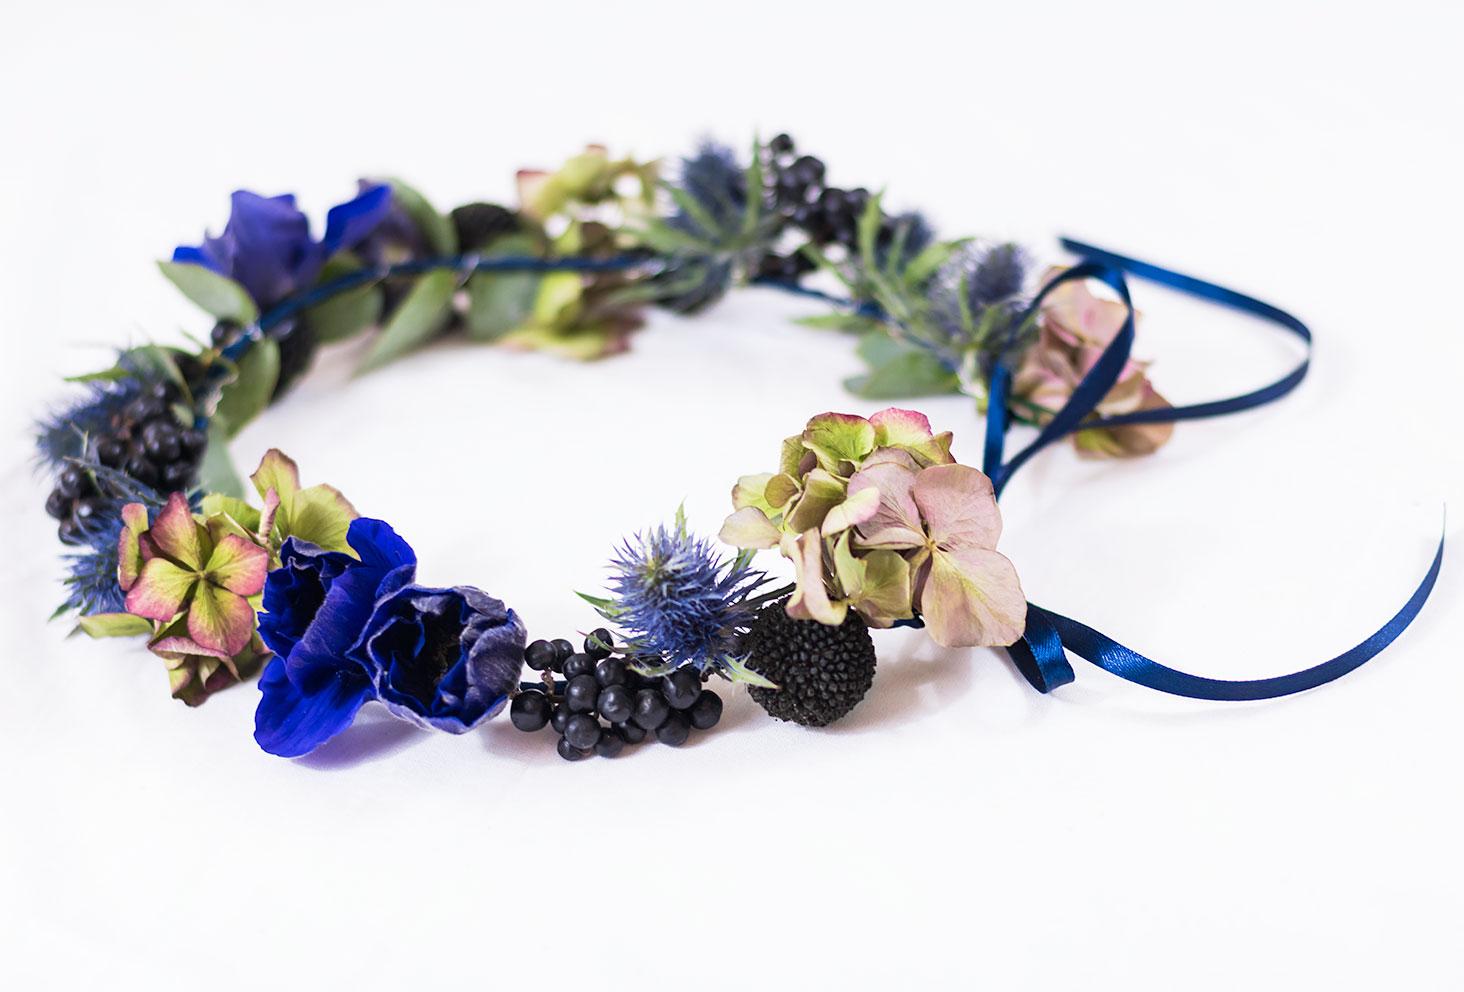 Tuto pas-à-pas pour réaliser soi-même une couronne de fleurs dans les idées DIY à faire lorsqu'on s'ennuie